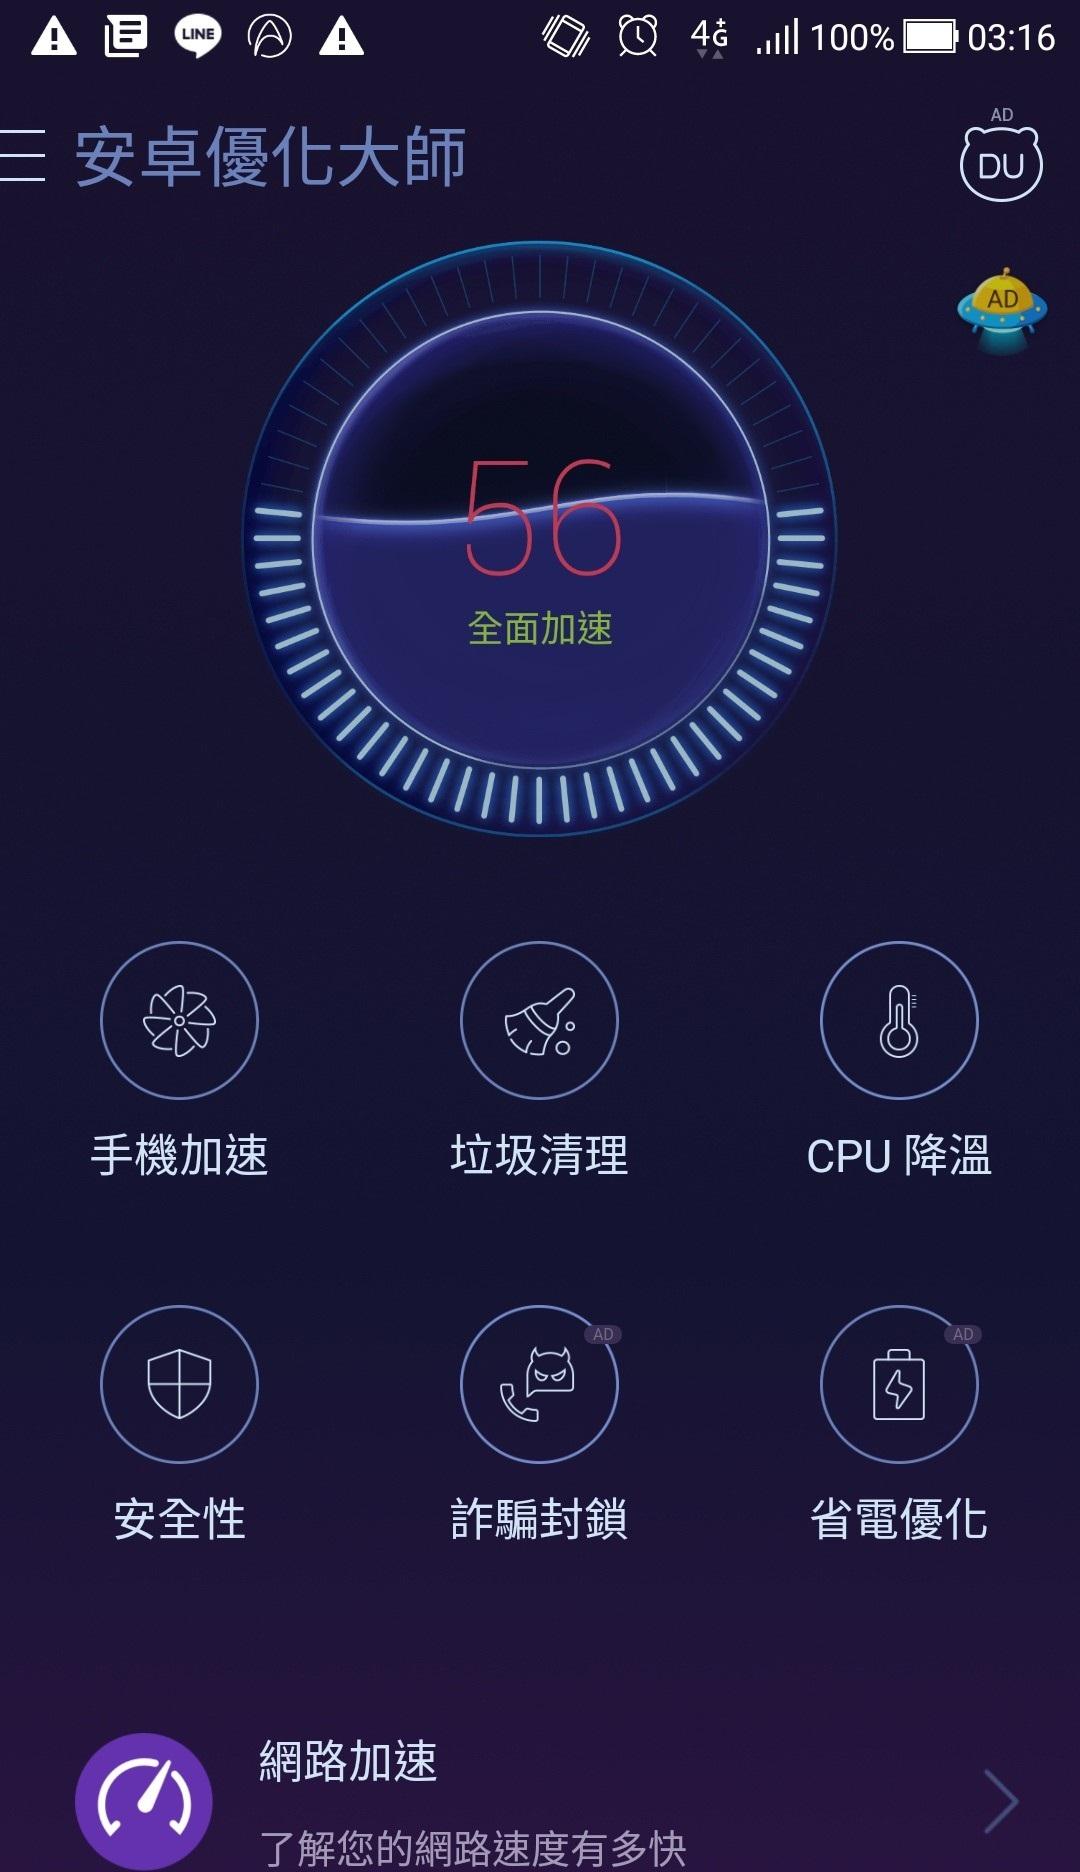 安卓 優化 大師 中文 版